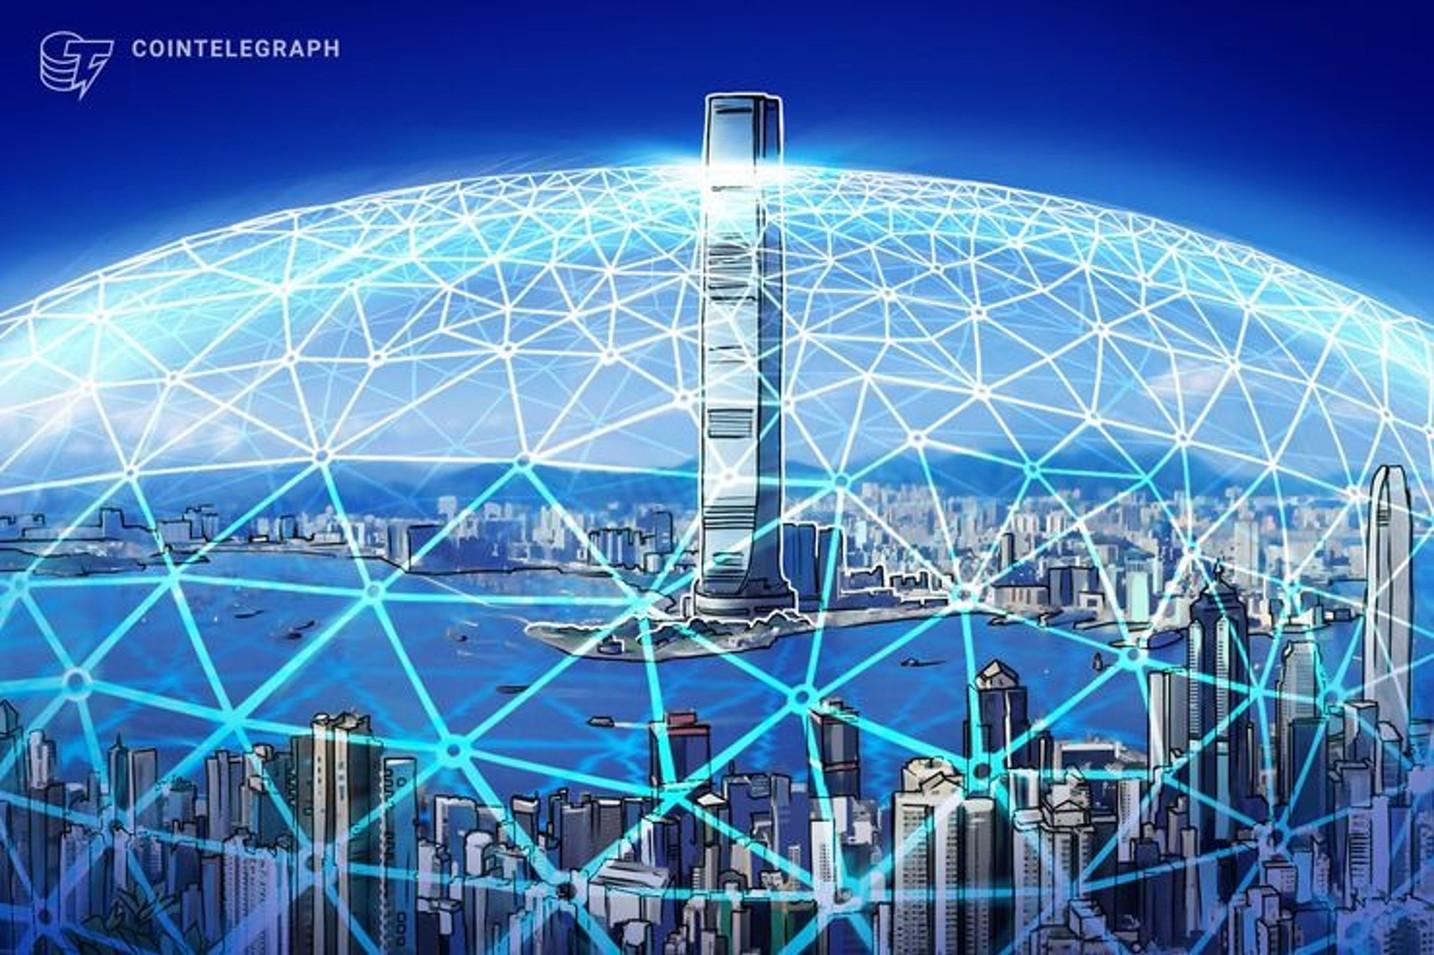 香港、中央銀行デジタル通貨に関するレポートを来年に発表へ【ニュース】